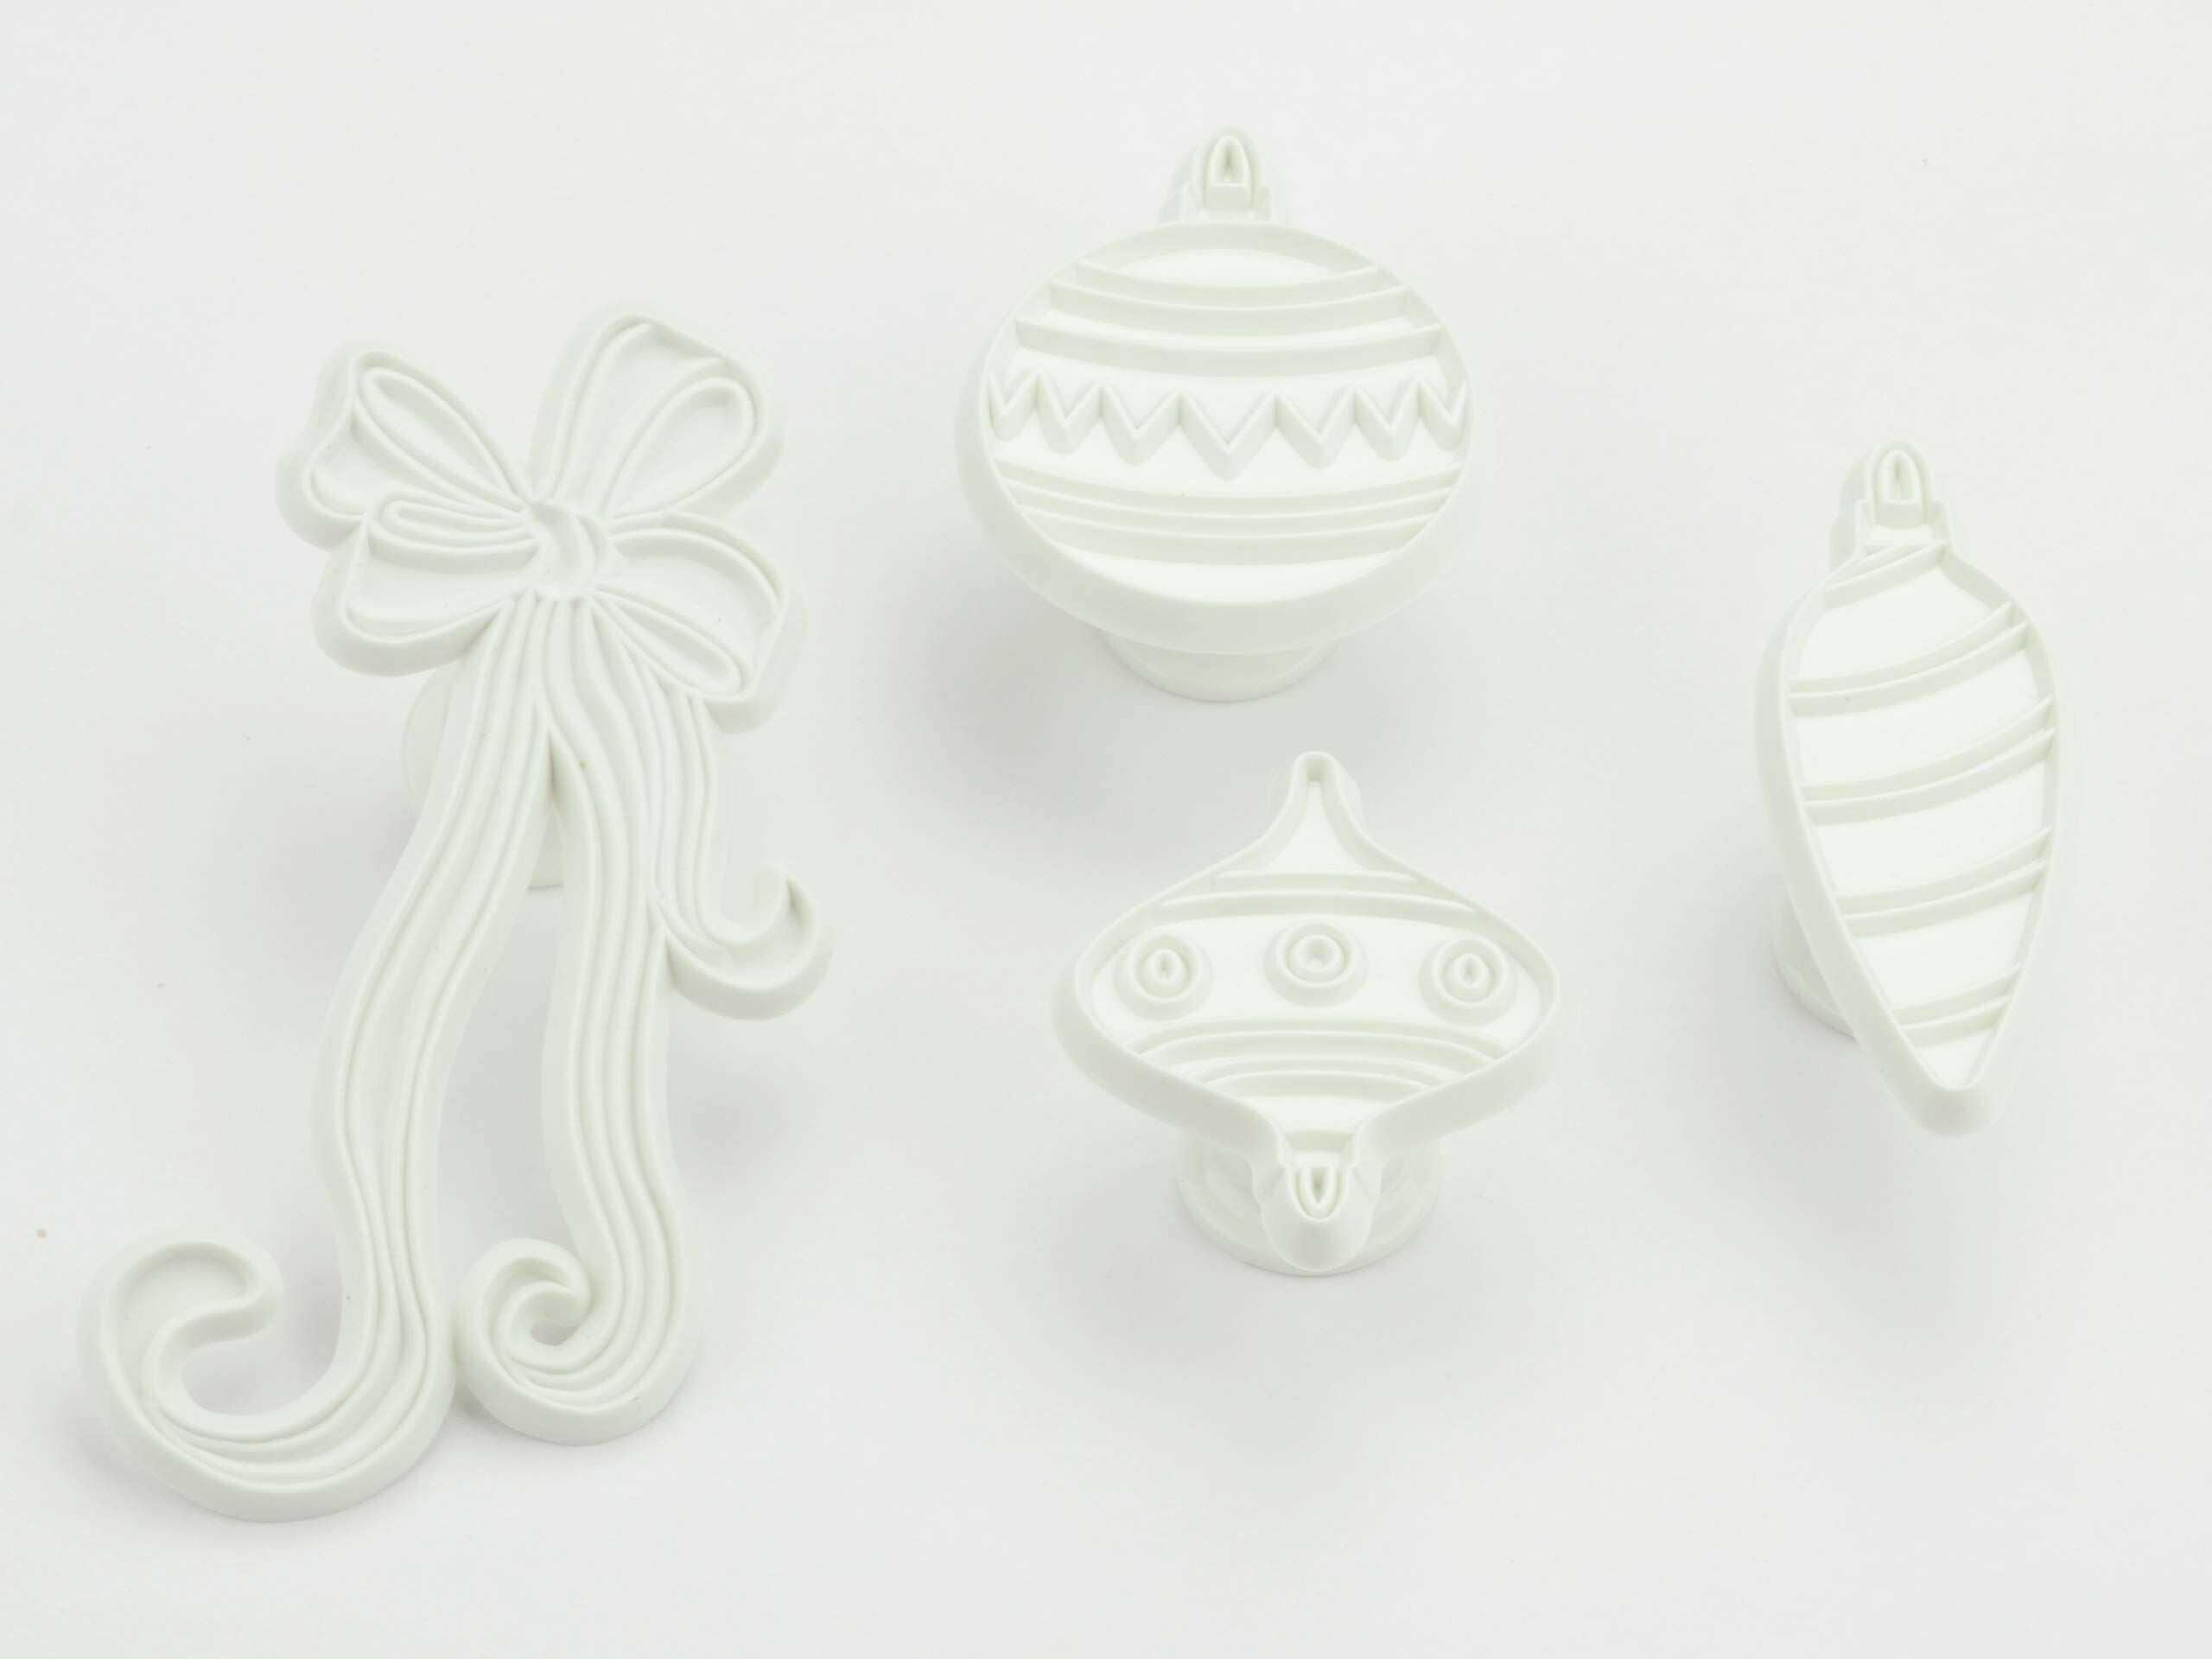 Pati-Versand 11498 zestaw foremek do wycinania ozdób choinkowych 4-częściowy do dekoracji marcepanu i cukru